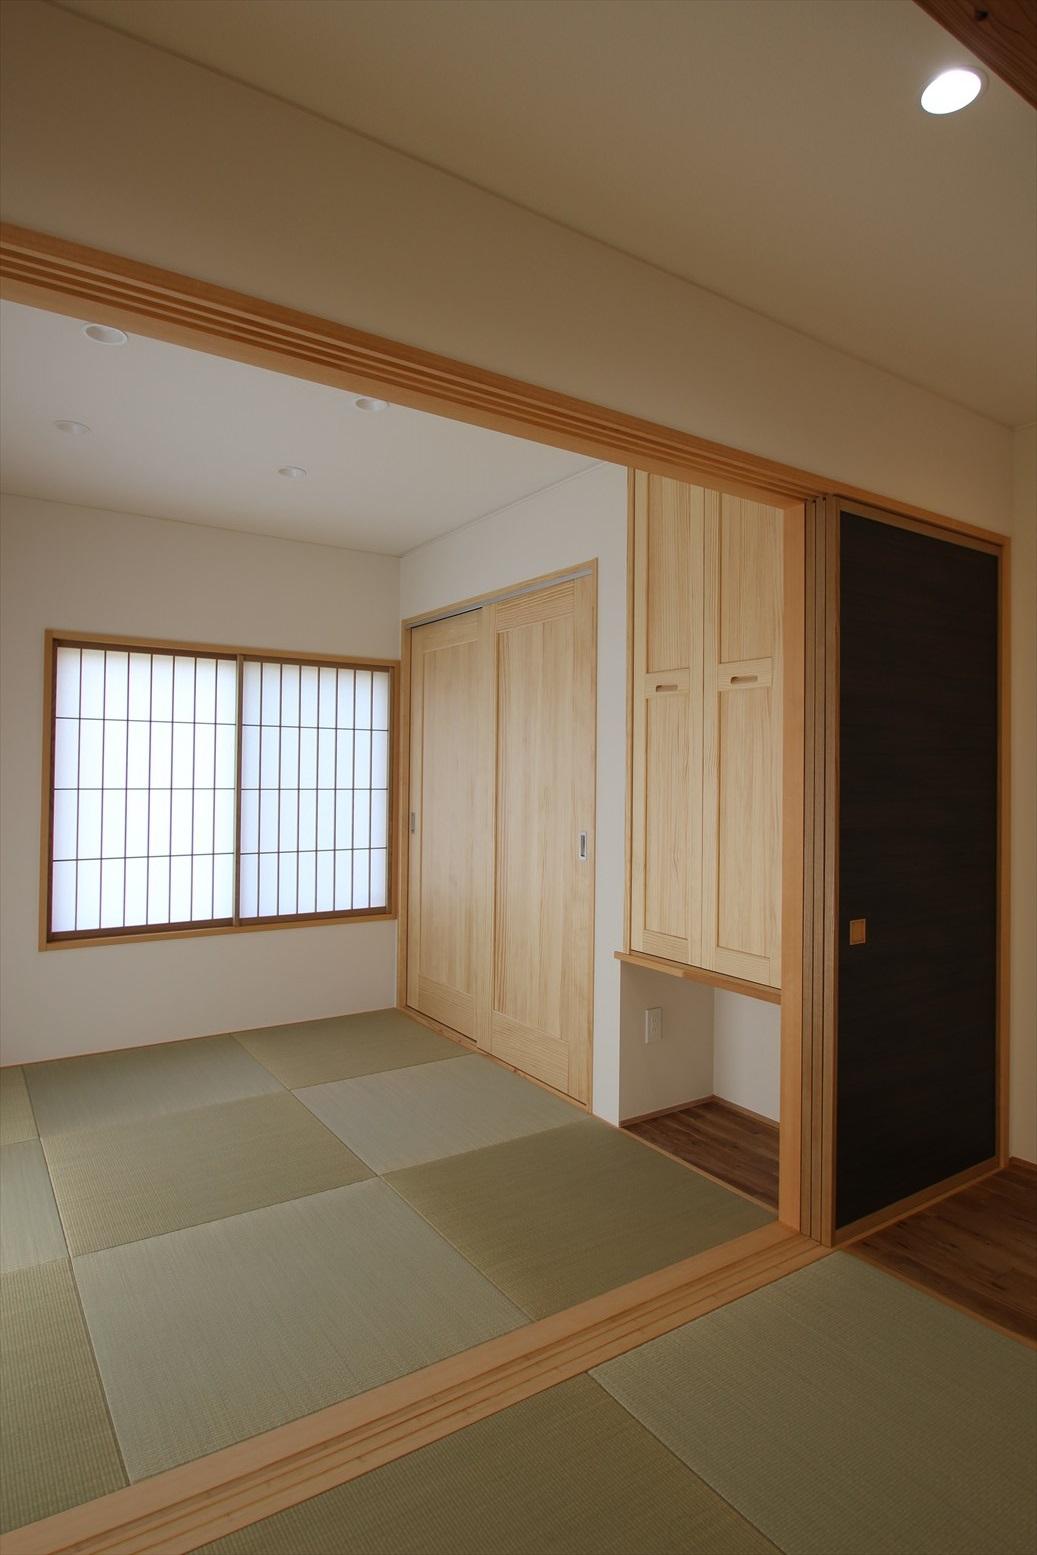 現代和風の家|石川県金沢市の注文住宅・デザイン性・新築の家・戸建て|E-HOUSE